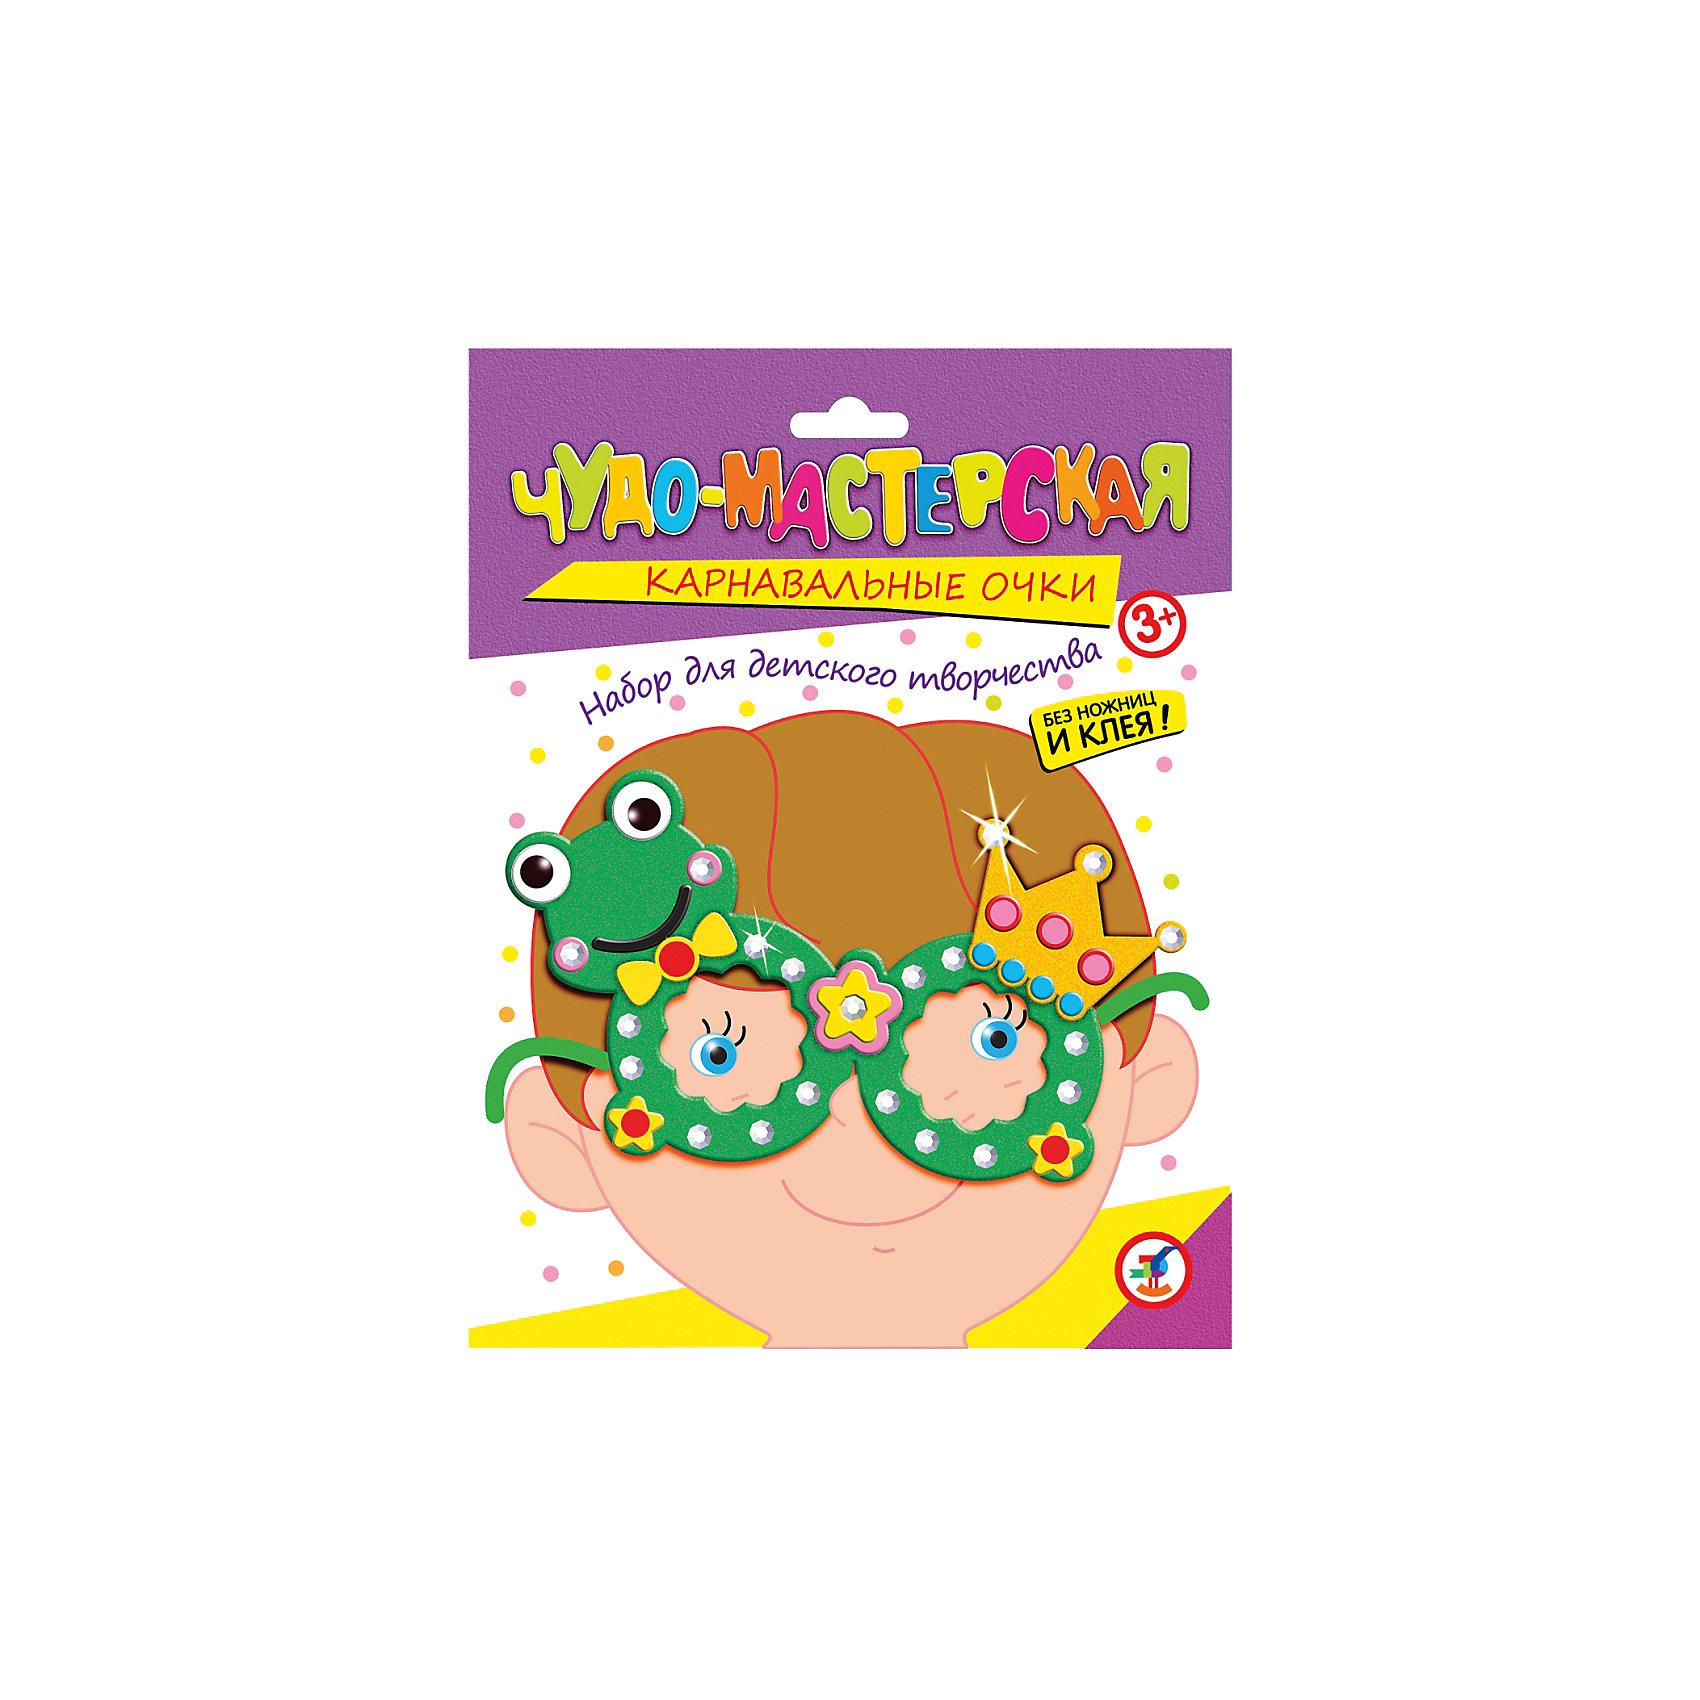 Праздничные очки ЛягушонокУвлекательный набор для творчества Лягушонок не только развлечет ребенка но и поможет изготовить своими руками яркий аксессуар для праздника или карнавала. В наборе Вы найдете все необходимое: пластиковые очки, детали из мягкого пластика ЭВА и стразы для украшения.<br>Ножницы и клей не требуются. Нанесите на оправу очков двустороннюю клейкую ленту, а затем найдите самую крупную деталь из мягкого пластика в форме очков и приклейте ее к оправе. Украсьте очки различными самоклеющимися деталями и стразами согласно образцу или по своему усмотрению. Забавные очки с фигуркой лягушонка создадут праздничное настроение и позволят легко перевоплотиться в персонажа веселого карнавала.<br><br>Дополнительная информация:<br><br>- В комплекте: пластмассовые очки, детали из мягкого пластика ЭВА, стразы, двусторонняя клейка лента.<br>- Материал: пластмасса, мягкий пластик ЭВА, картон.<br>- Размер упаковки: 20 x 15 x 1,5 см.<br>- Вес: 28 гр.<br><br>Праздничные очки Лягушонок, Дрофа Медиа, можно купить в нашем интернет-магазине.<br><br>Ширина мм: 155<br>Глубина мм: 200<br>Высота мм: 15<br>Вес г: 85<br>Возраст от месяцев: 36<br>Возраст до месяцев: 2147483647<br>Пол: Унисекс<br>Возраст: Детский<br>SKU: 4561867